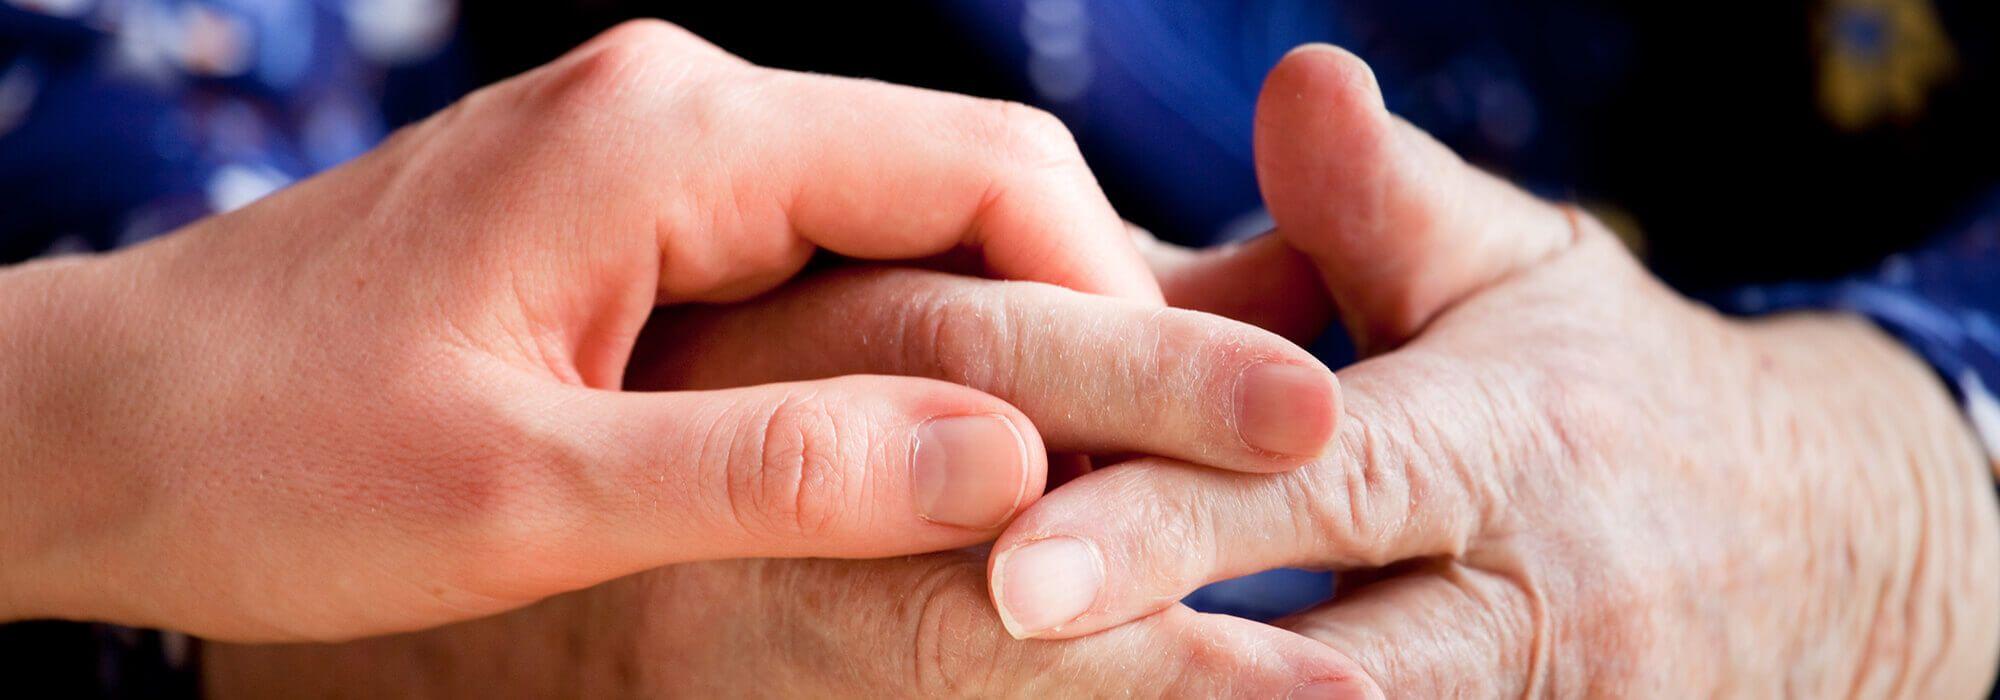 SECOM für Alten- und Pflegeeinrichtung